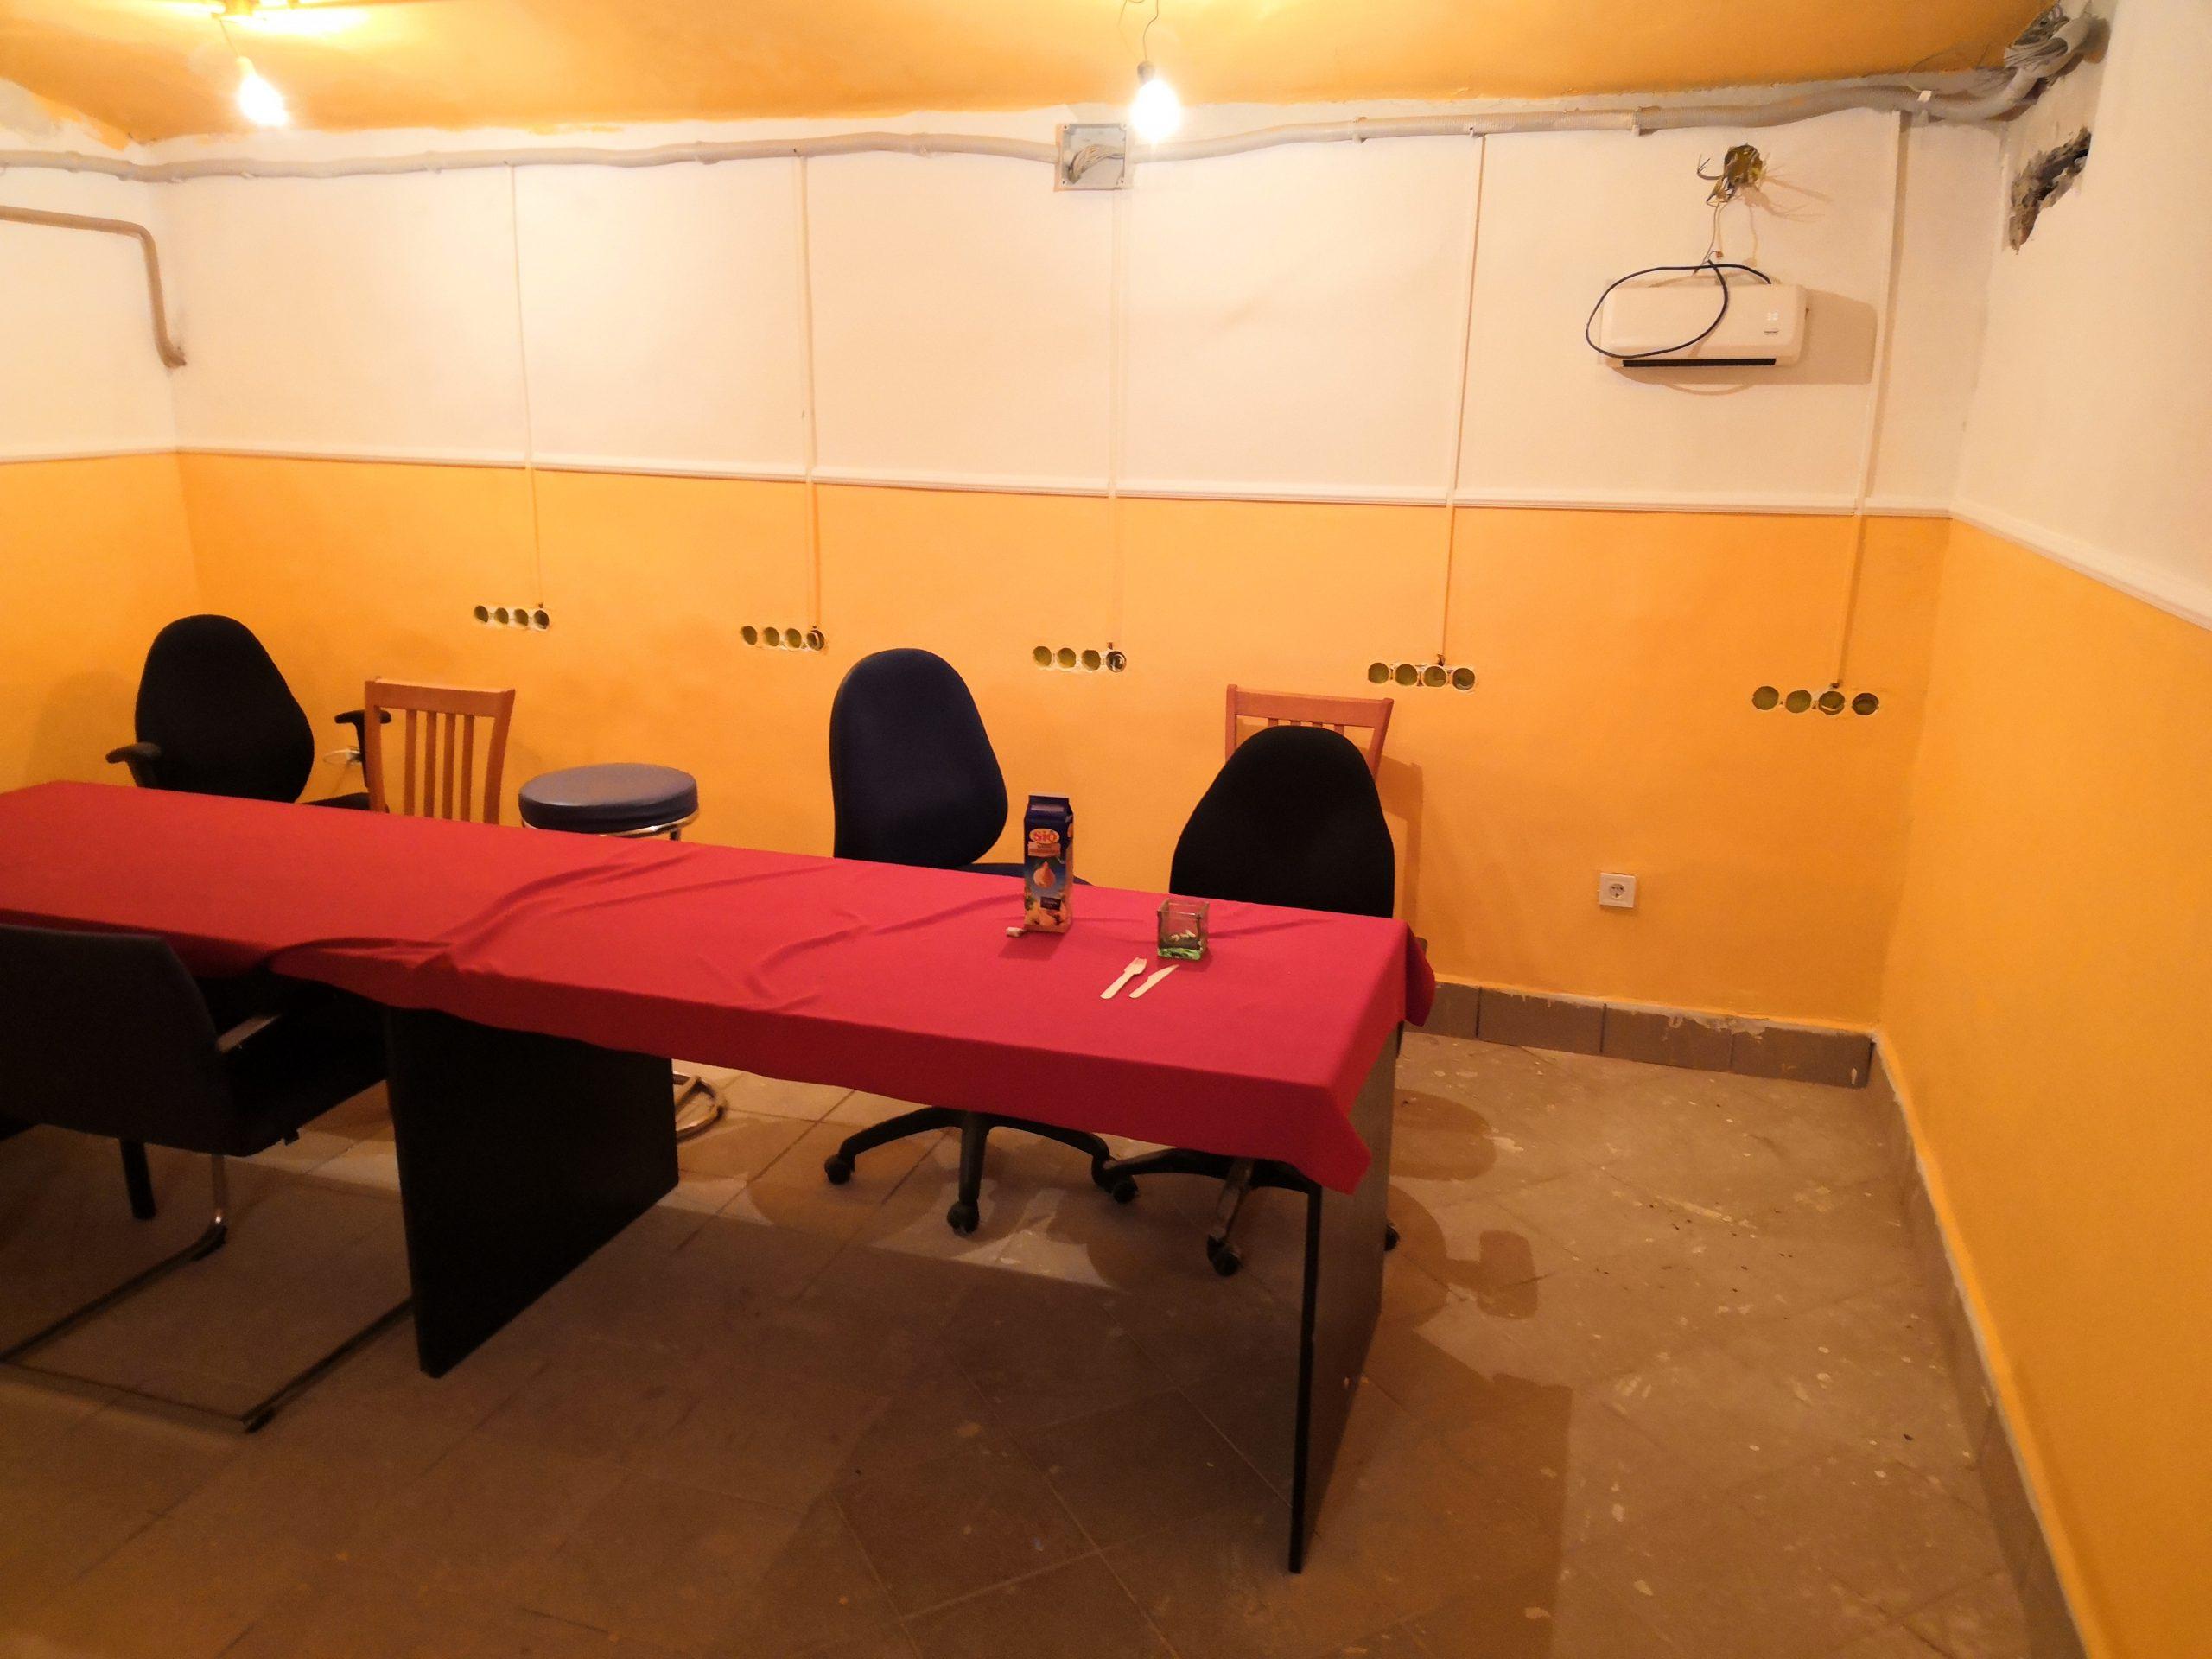 Asztalok és székek az oktatóteremben terítővel 2